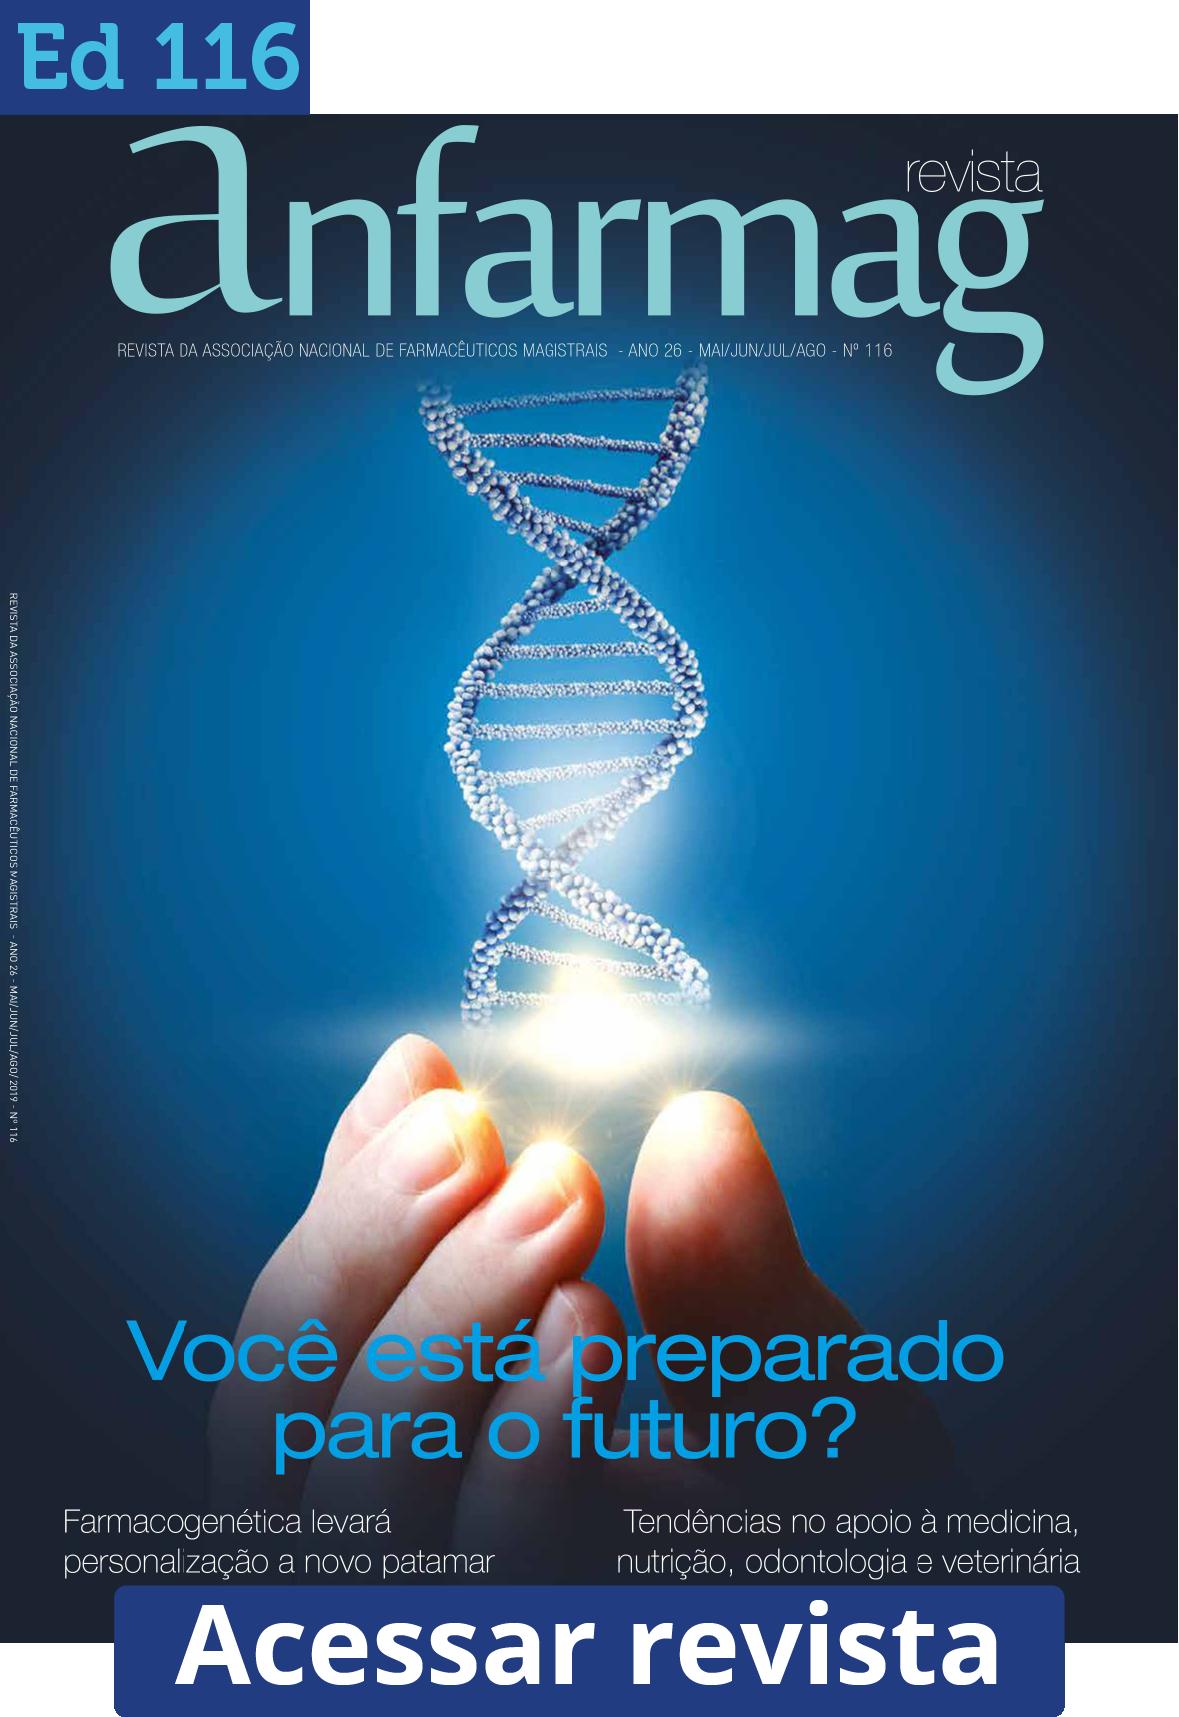 Revista Anfarmag edição 114